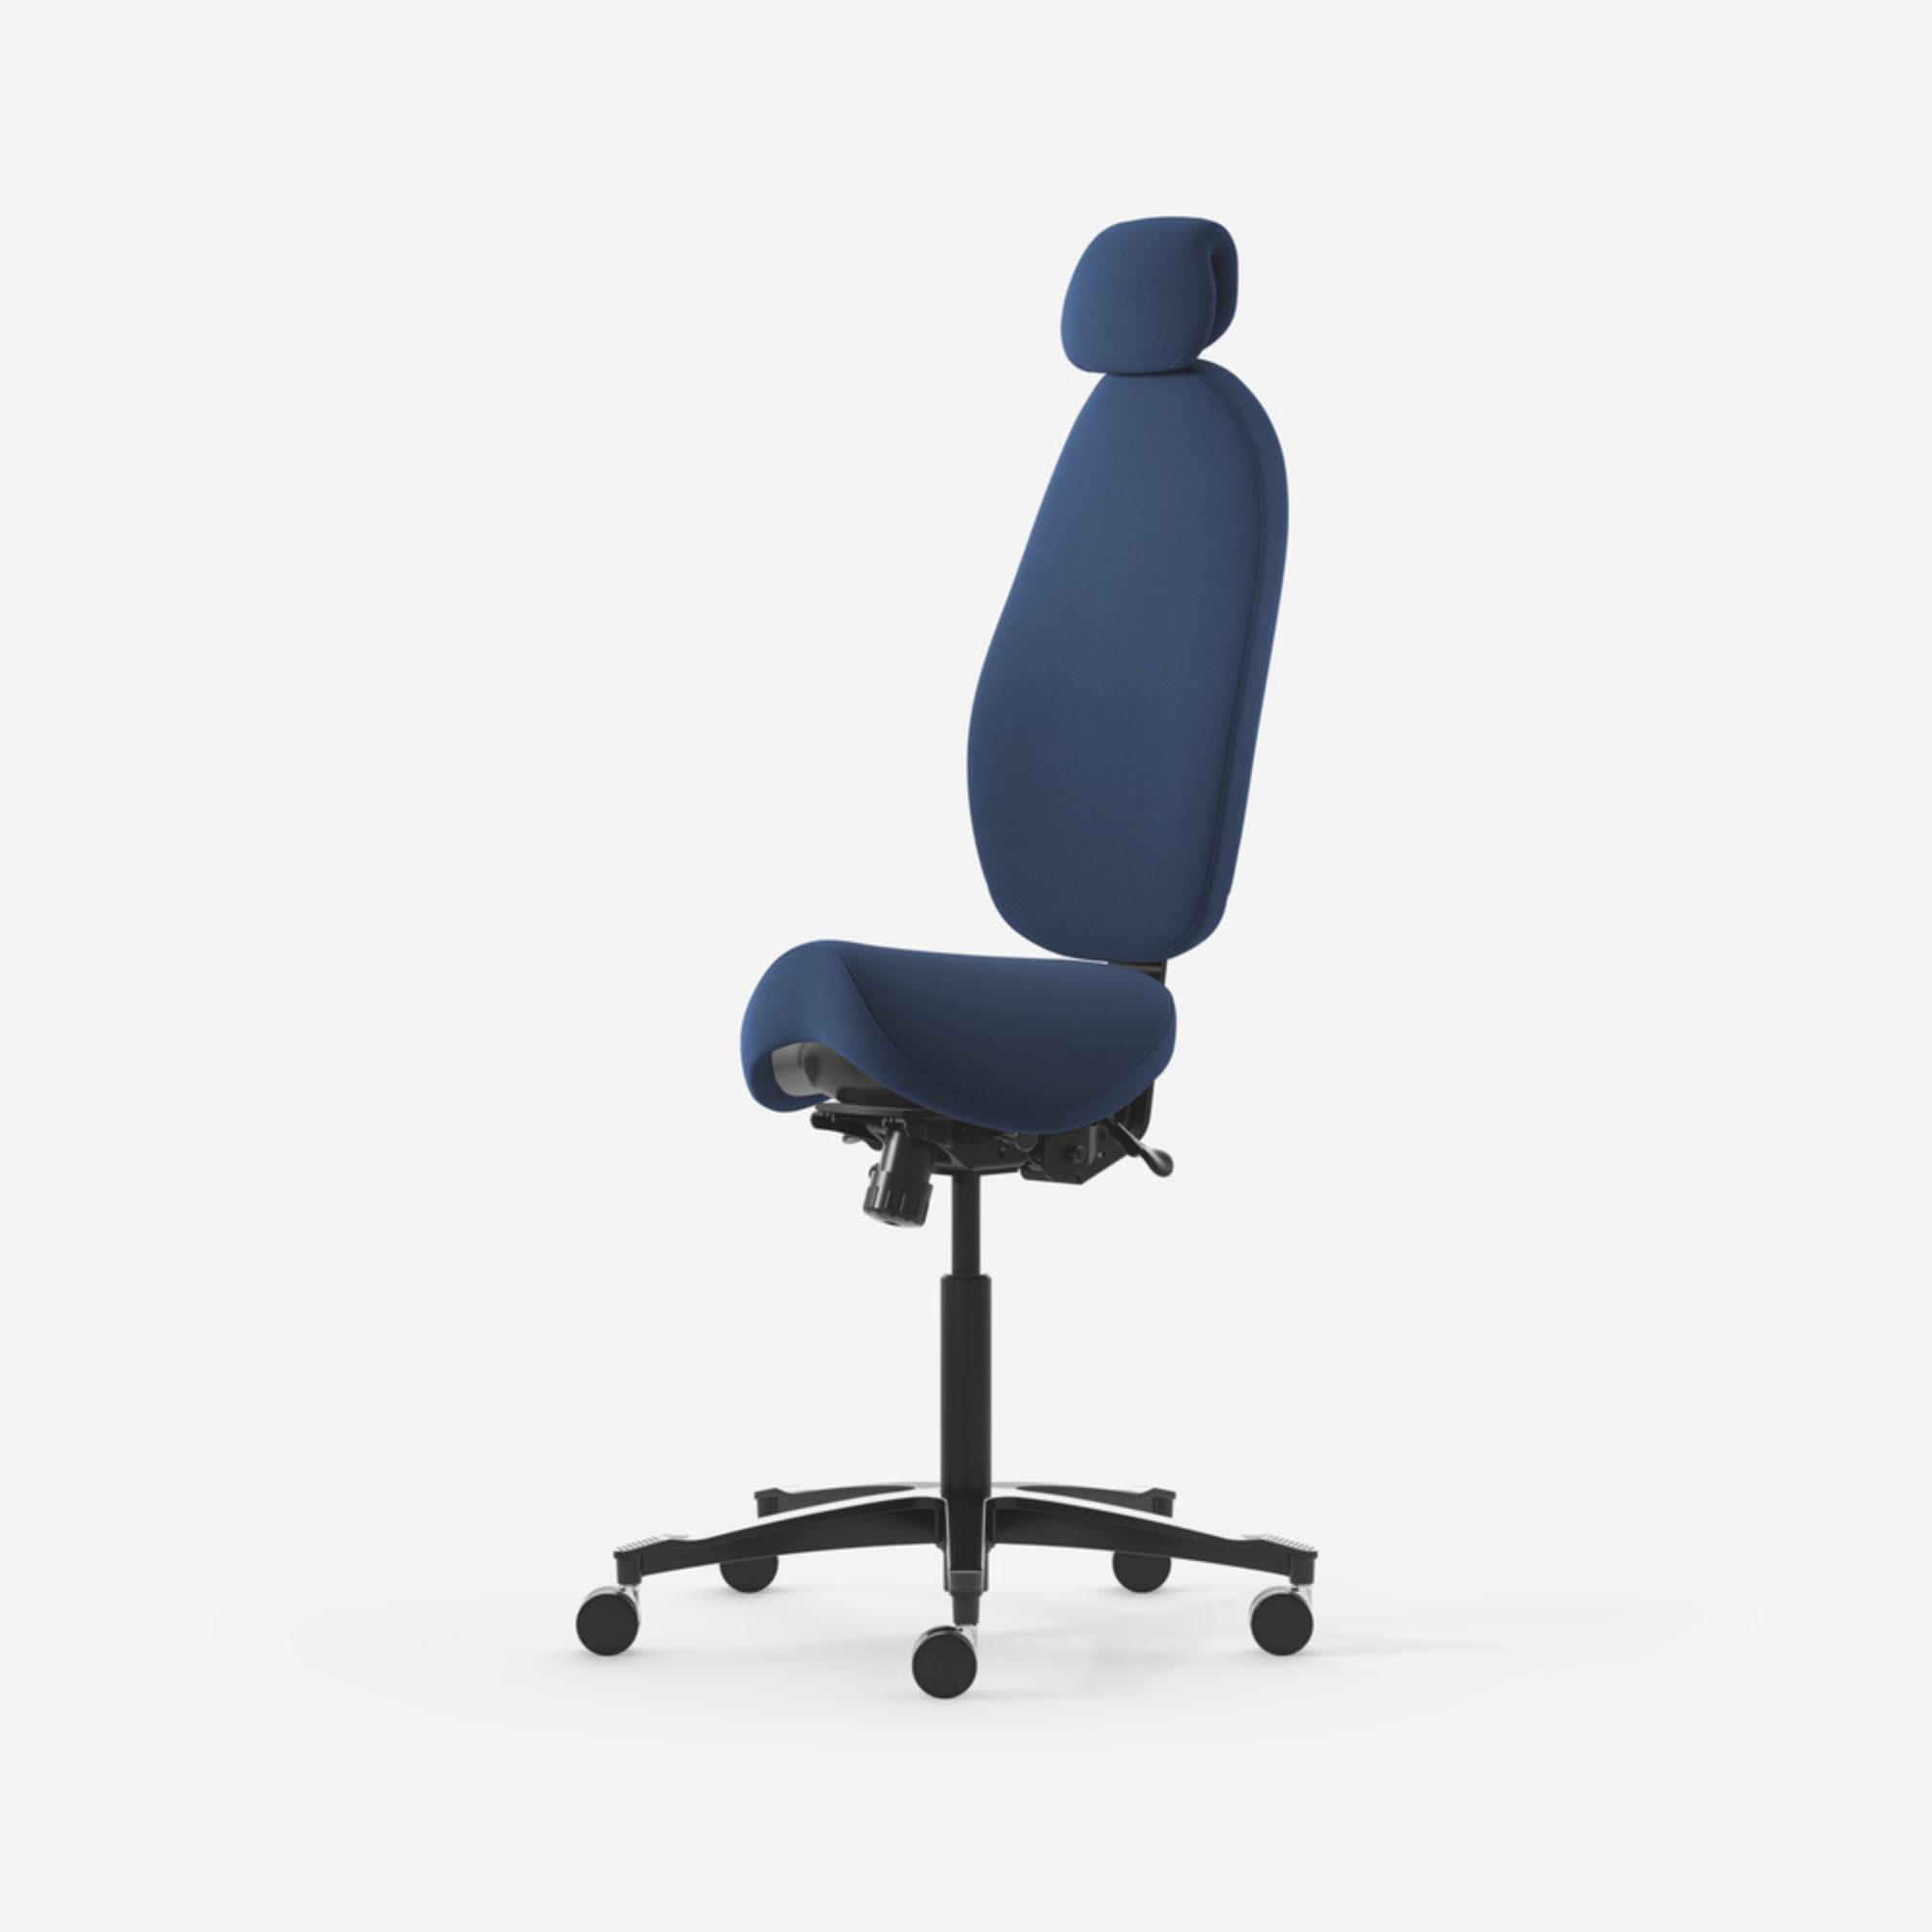 Malmstolen H5 kontorsstol sadelstol ergonomiks stol sitt&ståstöd stol